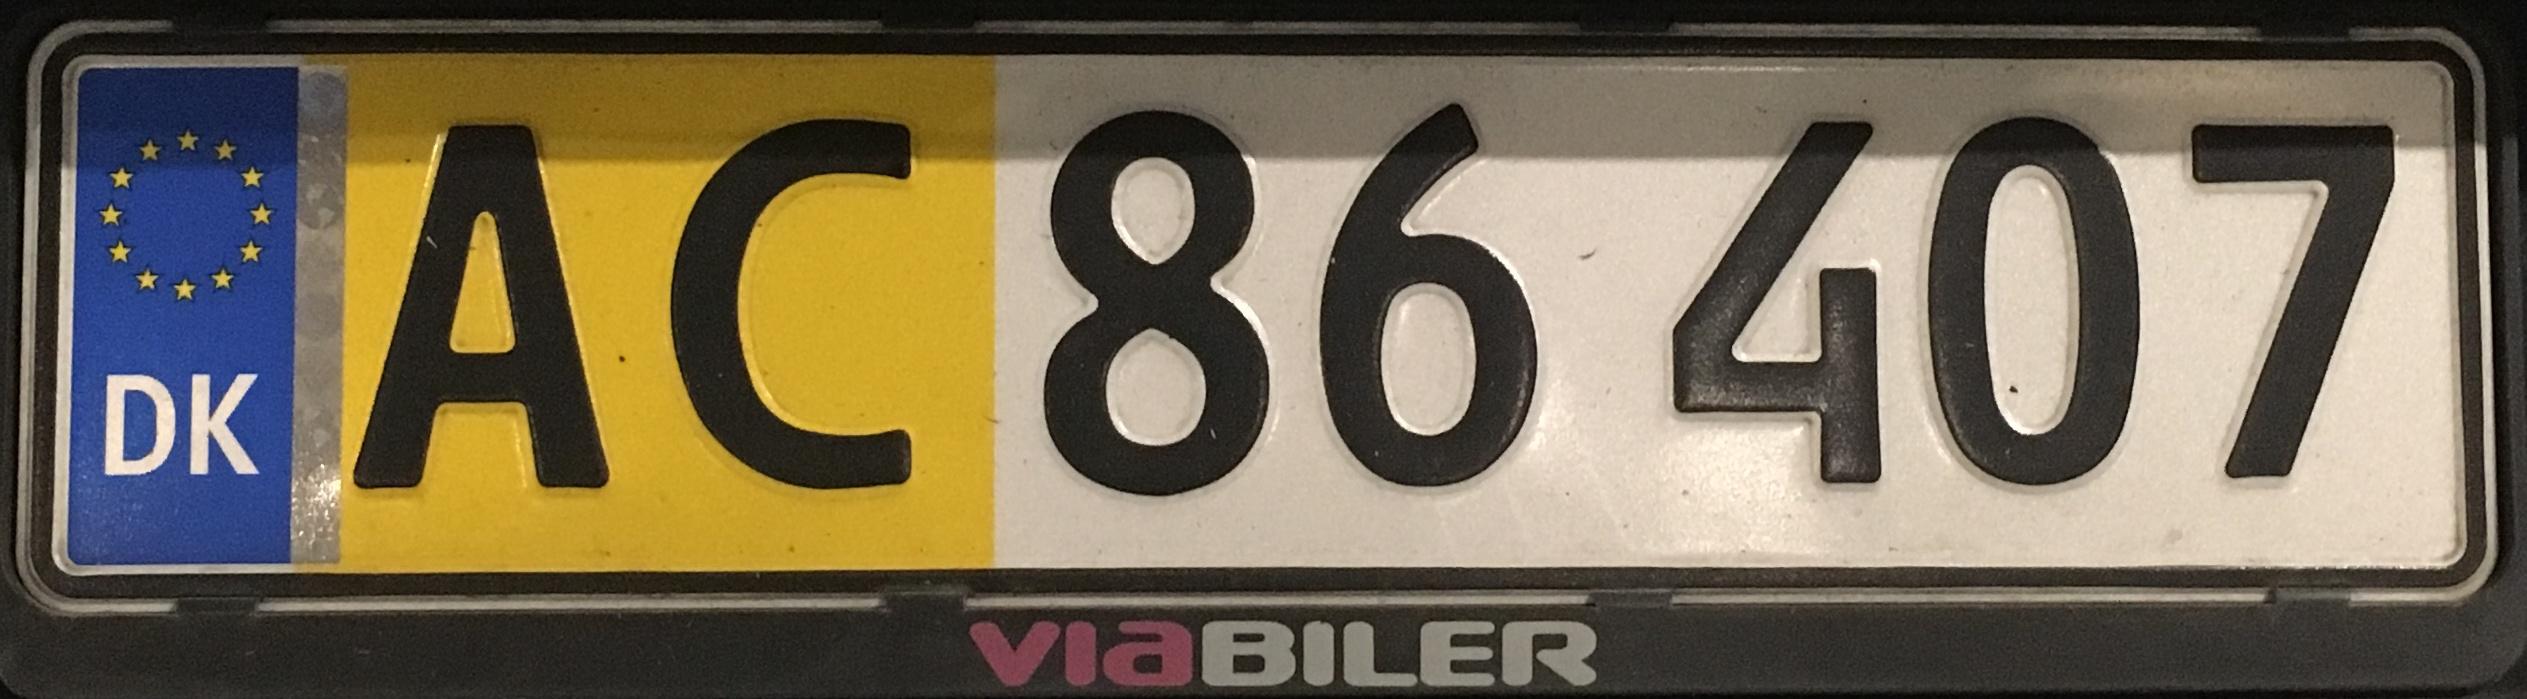 Registrační značka Dánsko - polokomerční, foto: www.podalnici.cz